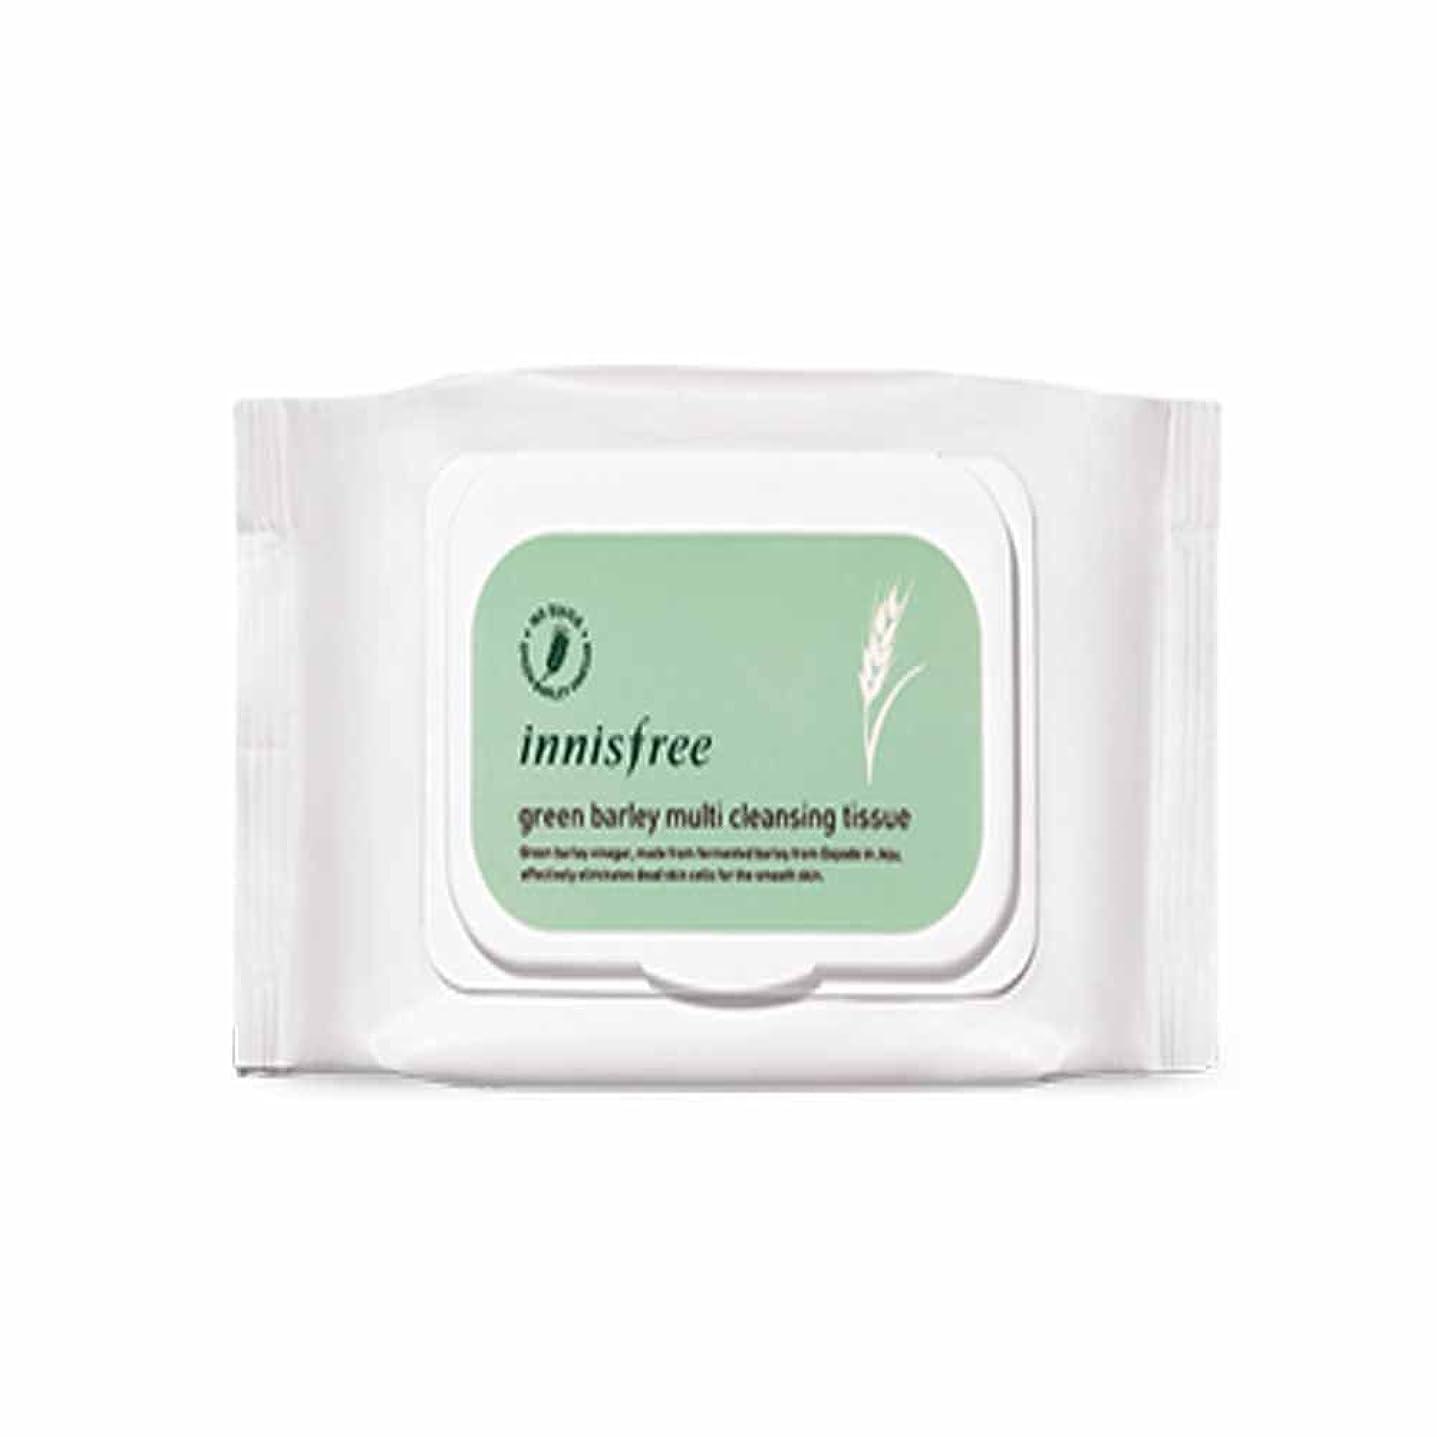 偽装するインカ帝国忍耐イニスフリーグリーンボレイクレンジングティッシュ50シートx 1個 / Innisfree Green Barley Cleansing Tissue 50 Sheets x 1pcs [海外直送品][並行輸入品]